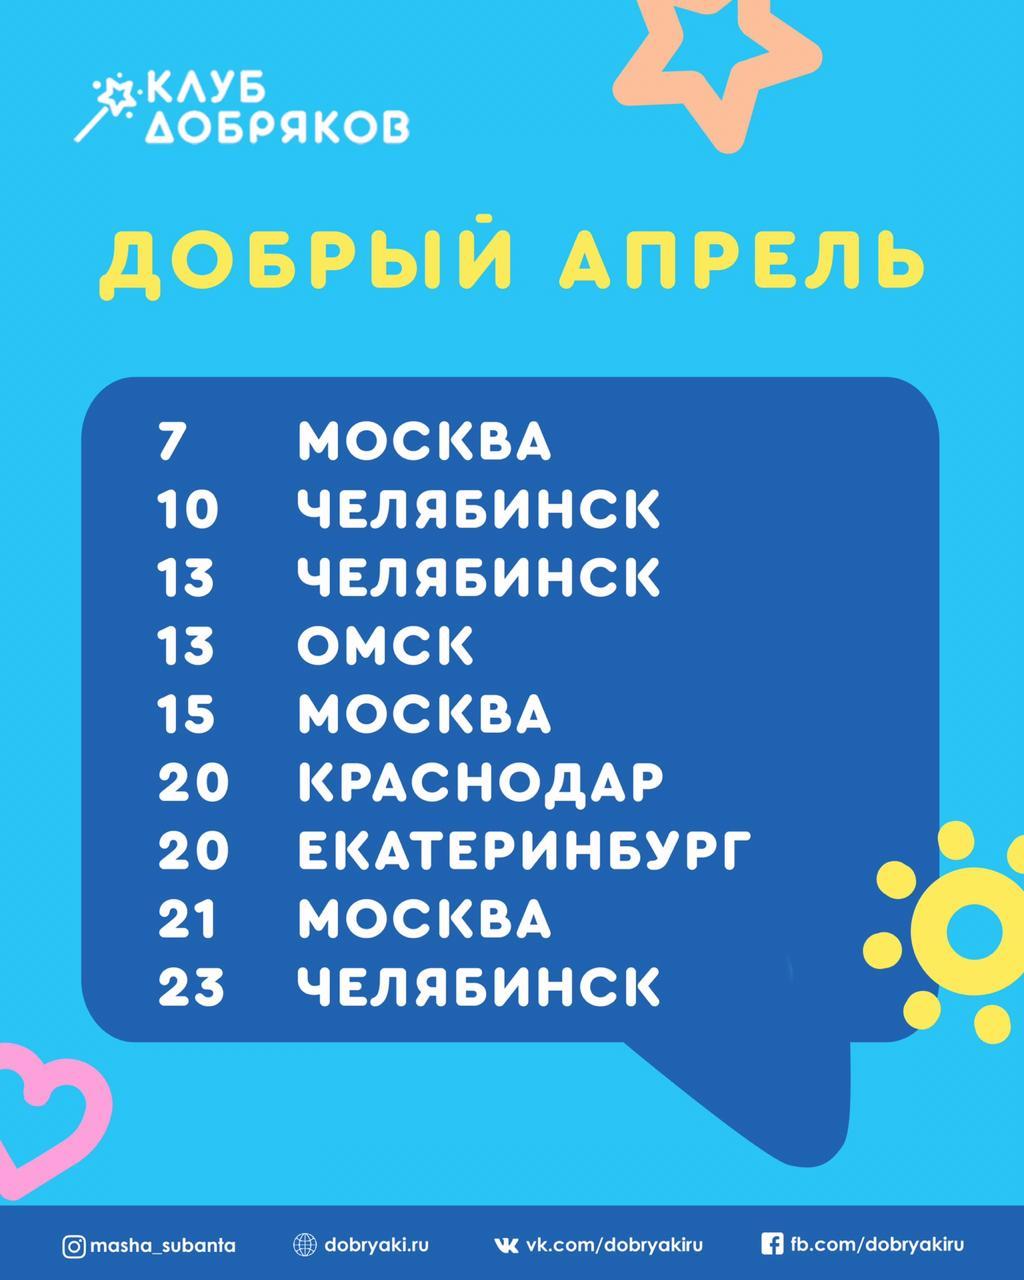 Добряковские мероприятия в апреле